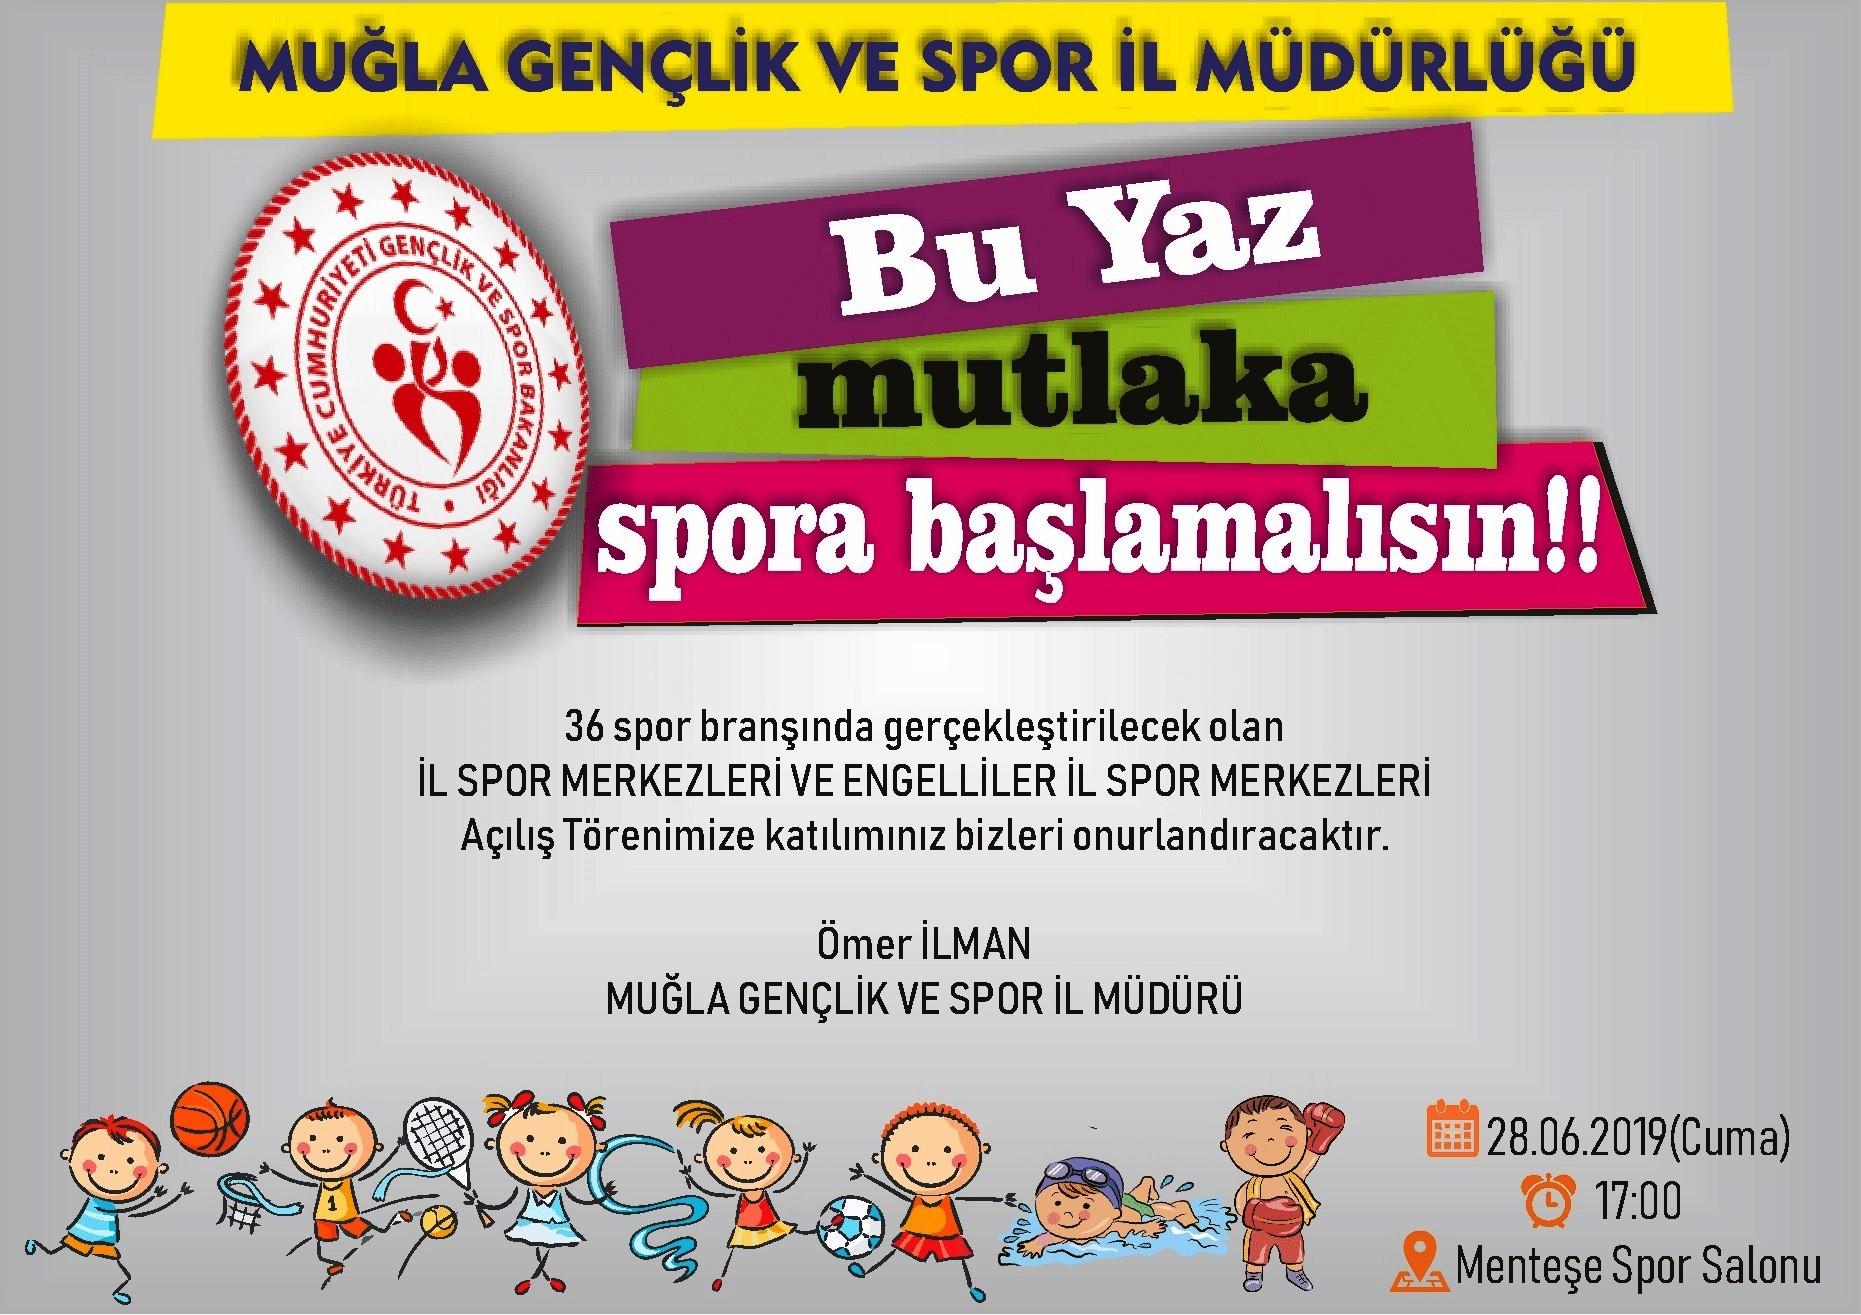 muğla gençlik ve spor İl müdürlüğü t MUĞLA İL SPOR MERKEZLERİ BAŞLIYOR… XSAXAXA